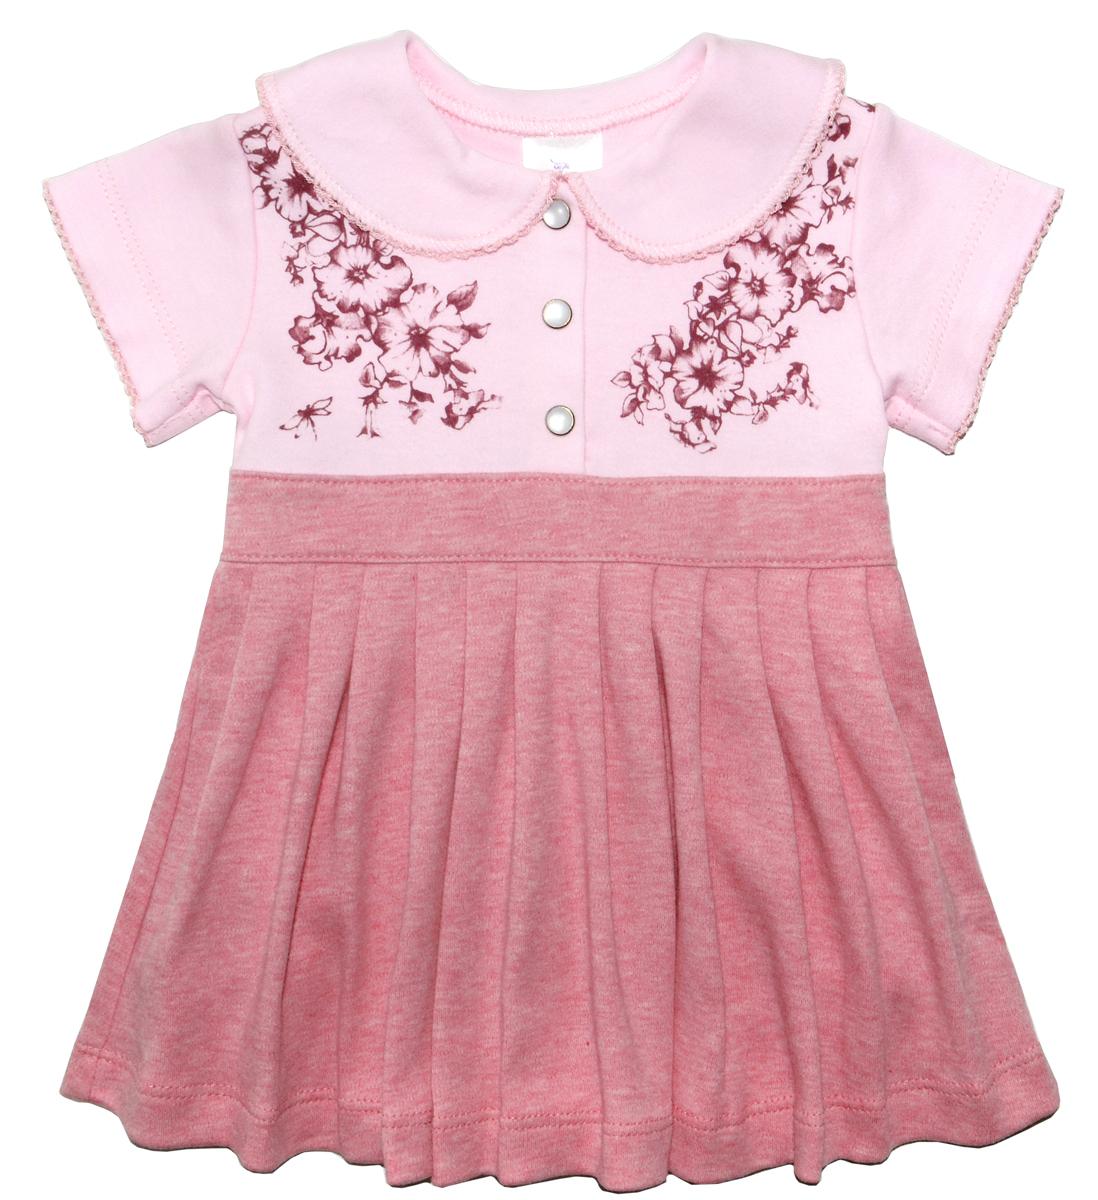 Боди-платье для девочки Мамуляндия Цветочная, цвет: розовый. 17-2403. Размер 74